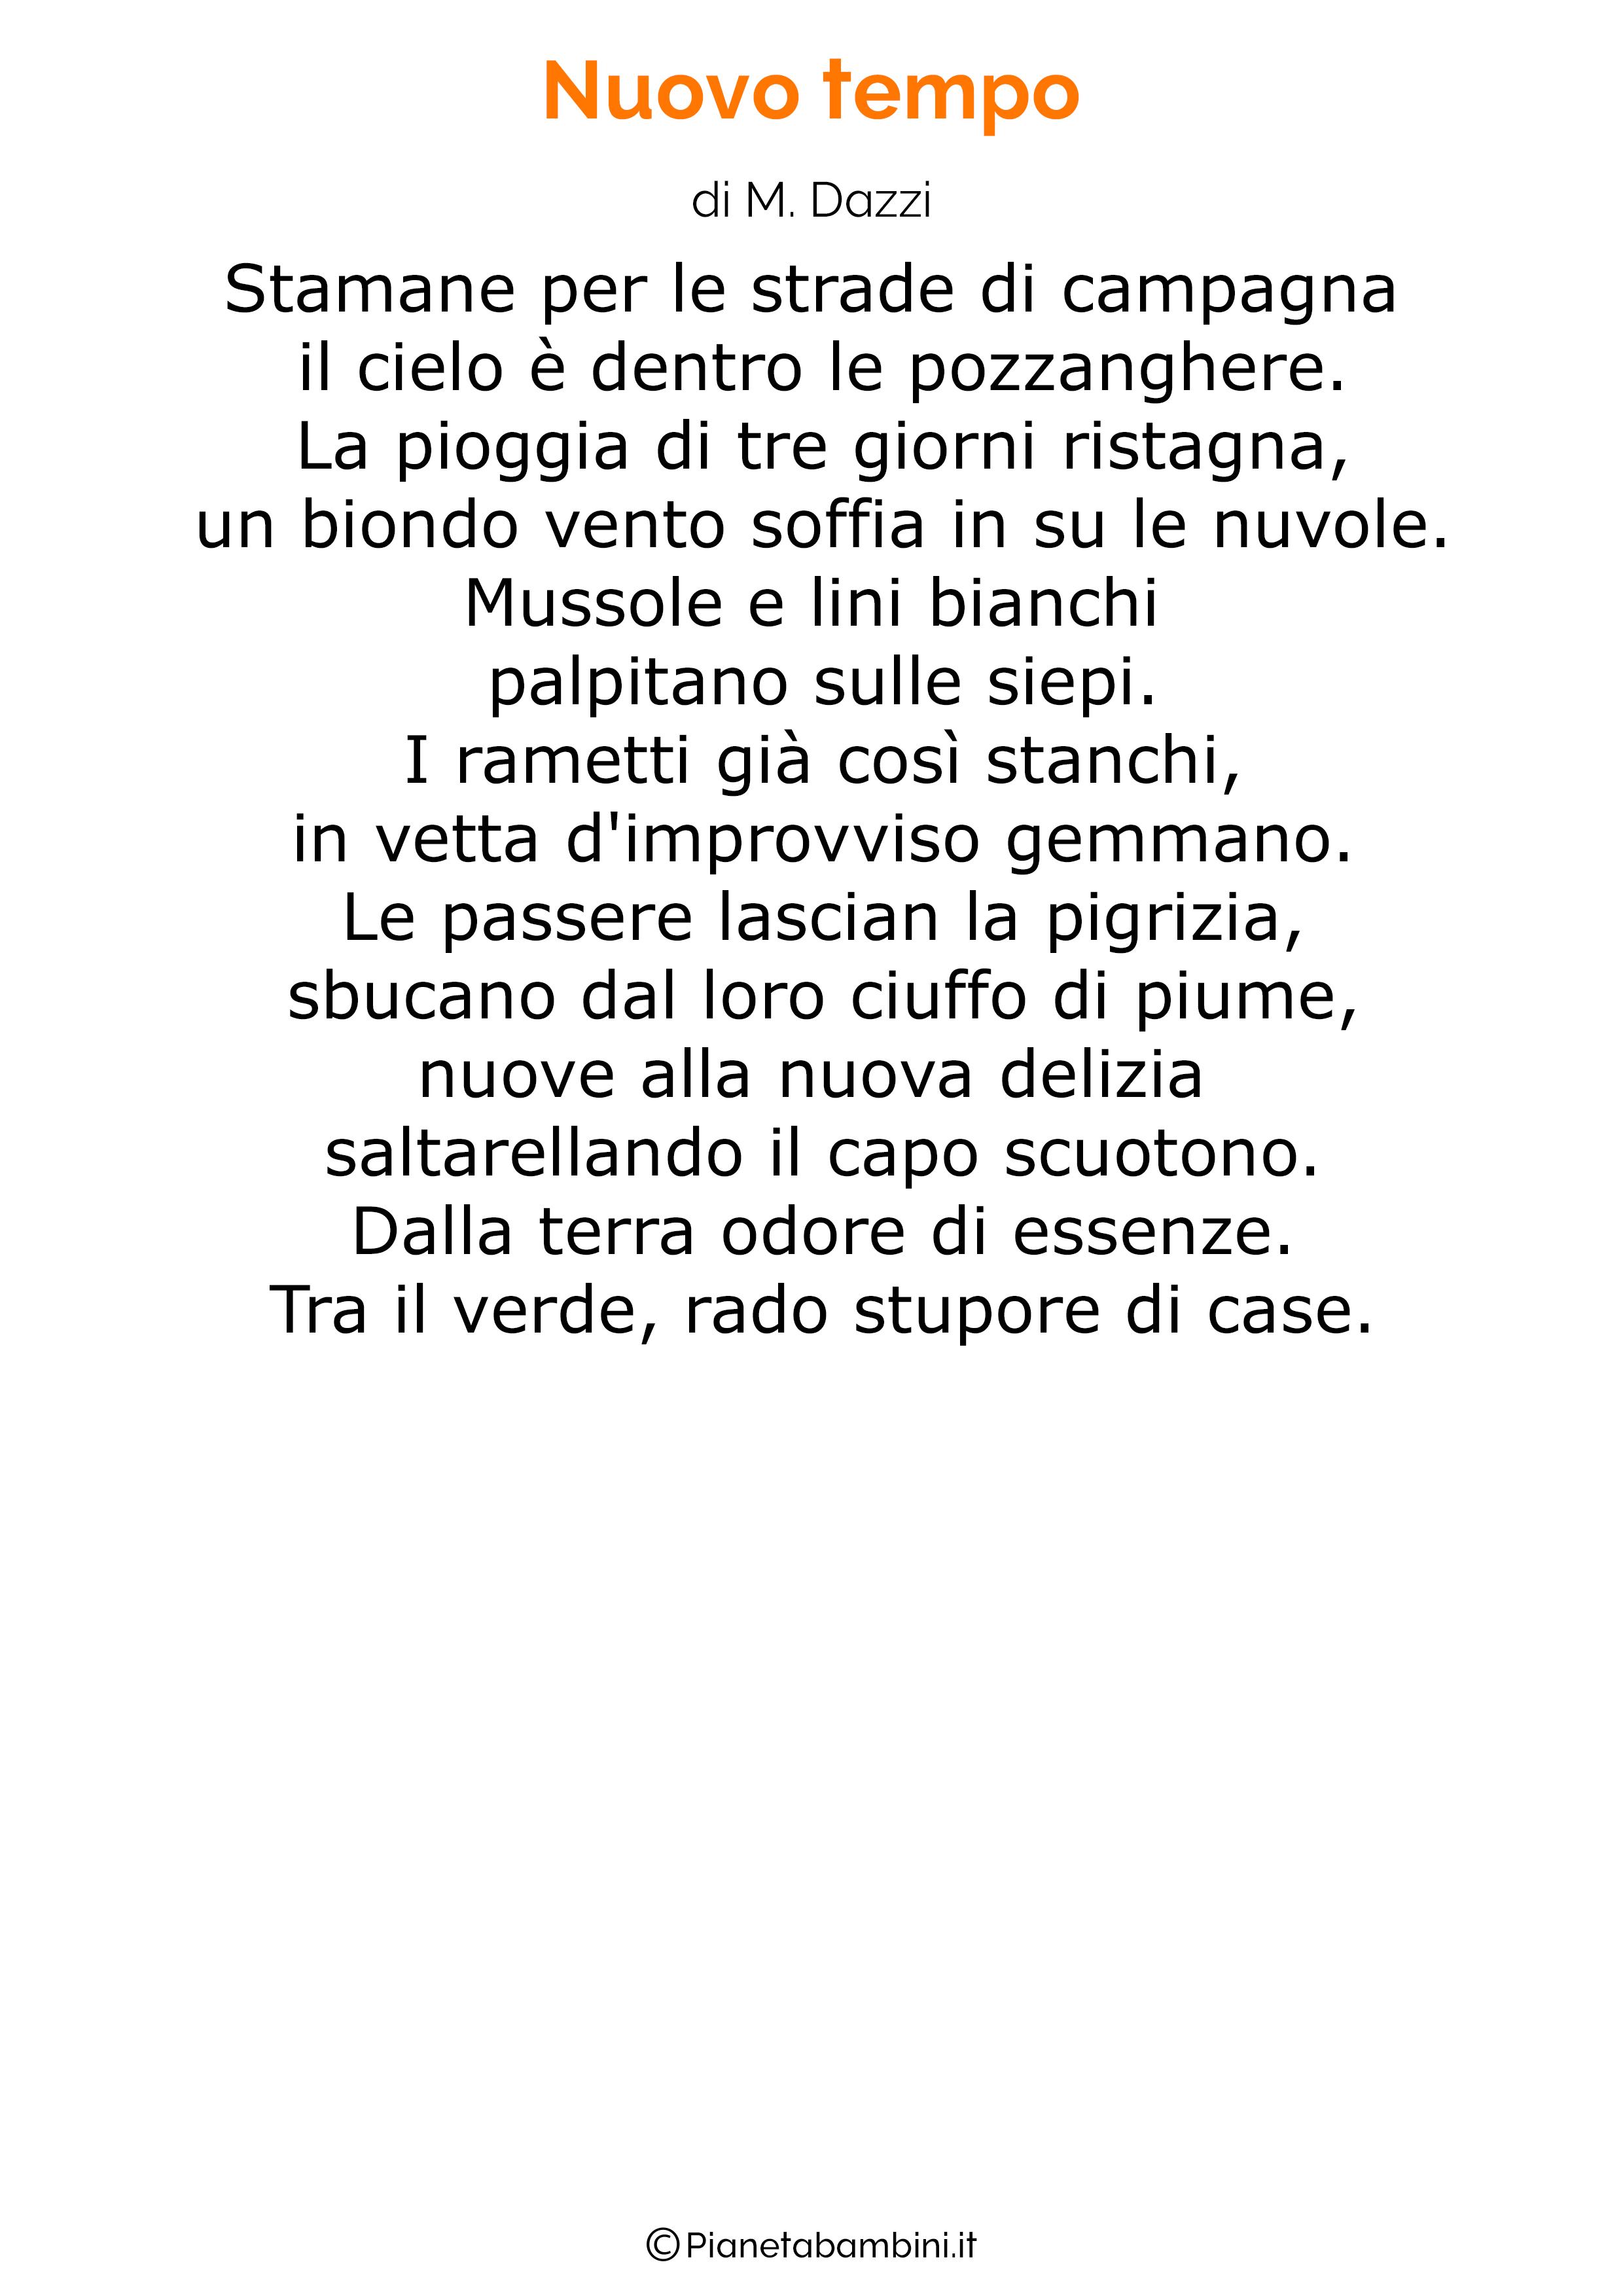 Poesia sulla Primavera 48